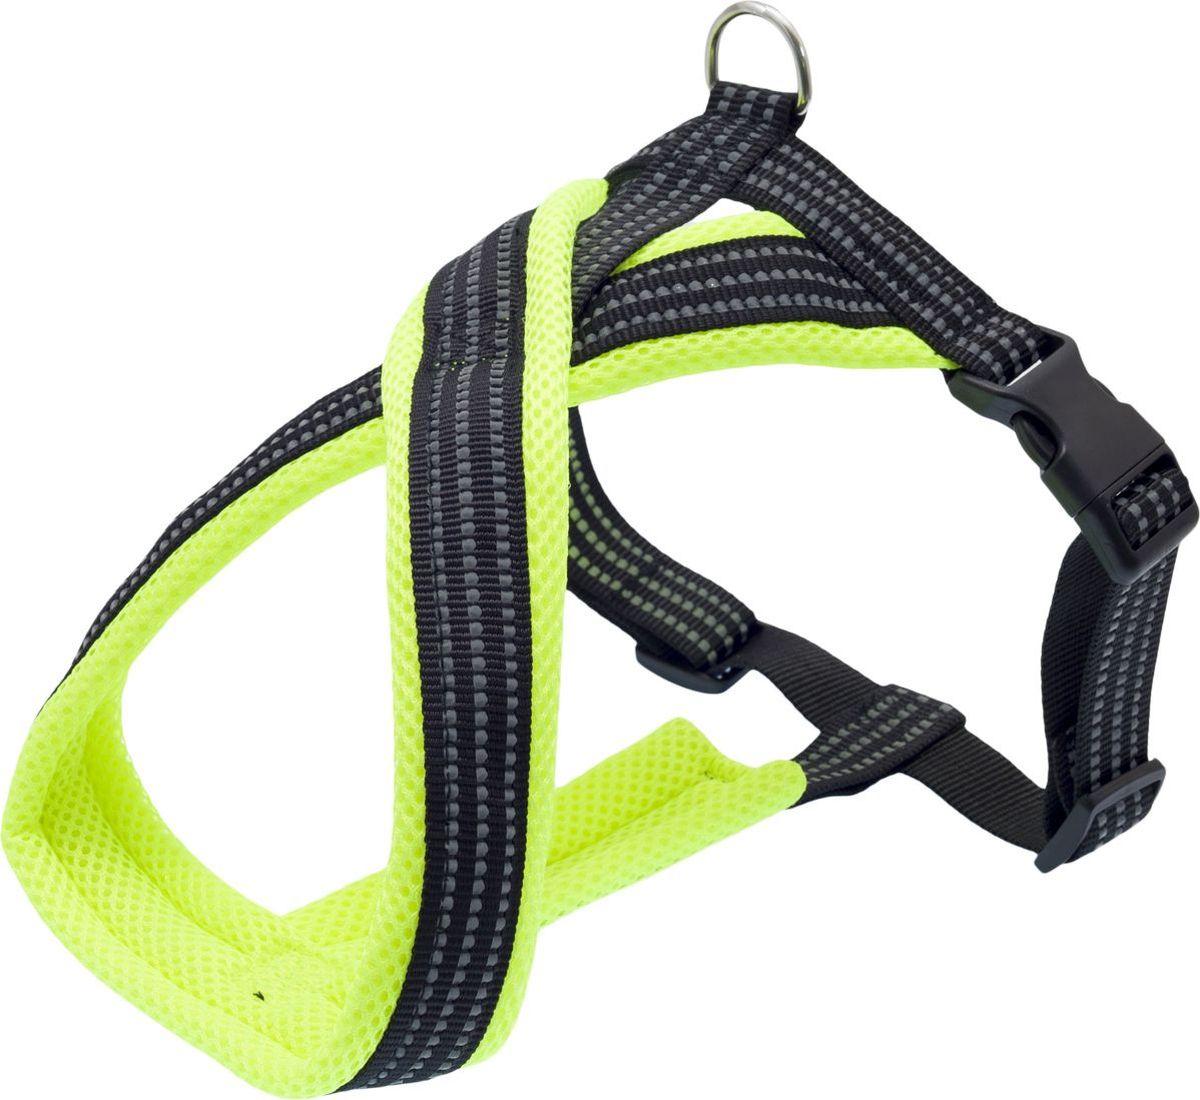 Шлейка для собак Каскад, цвет: зеленый, 2,5 х 50 х 60-70 см01225016-05Шлейка с мягкой подкладкой не вытирает и не сдавливает шерсть собаки. Надежная х-образная конструкция шлейки правильно распределяет нагрузку на спину собаки на прогулке. Яркий цвет шлейки сделает собаку более заметной. Объем груди регулируется с помощью пластикового бегунка.